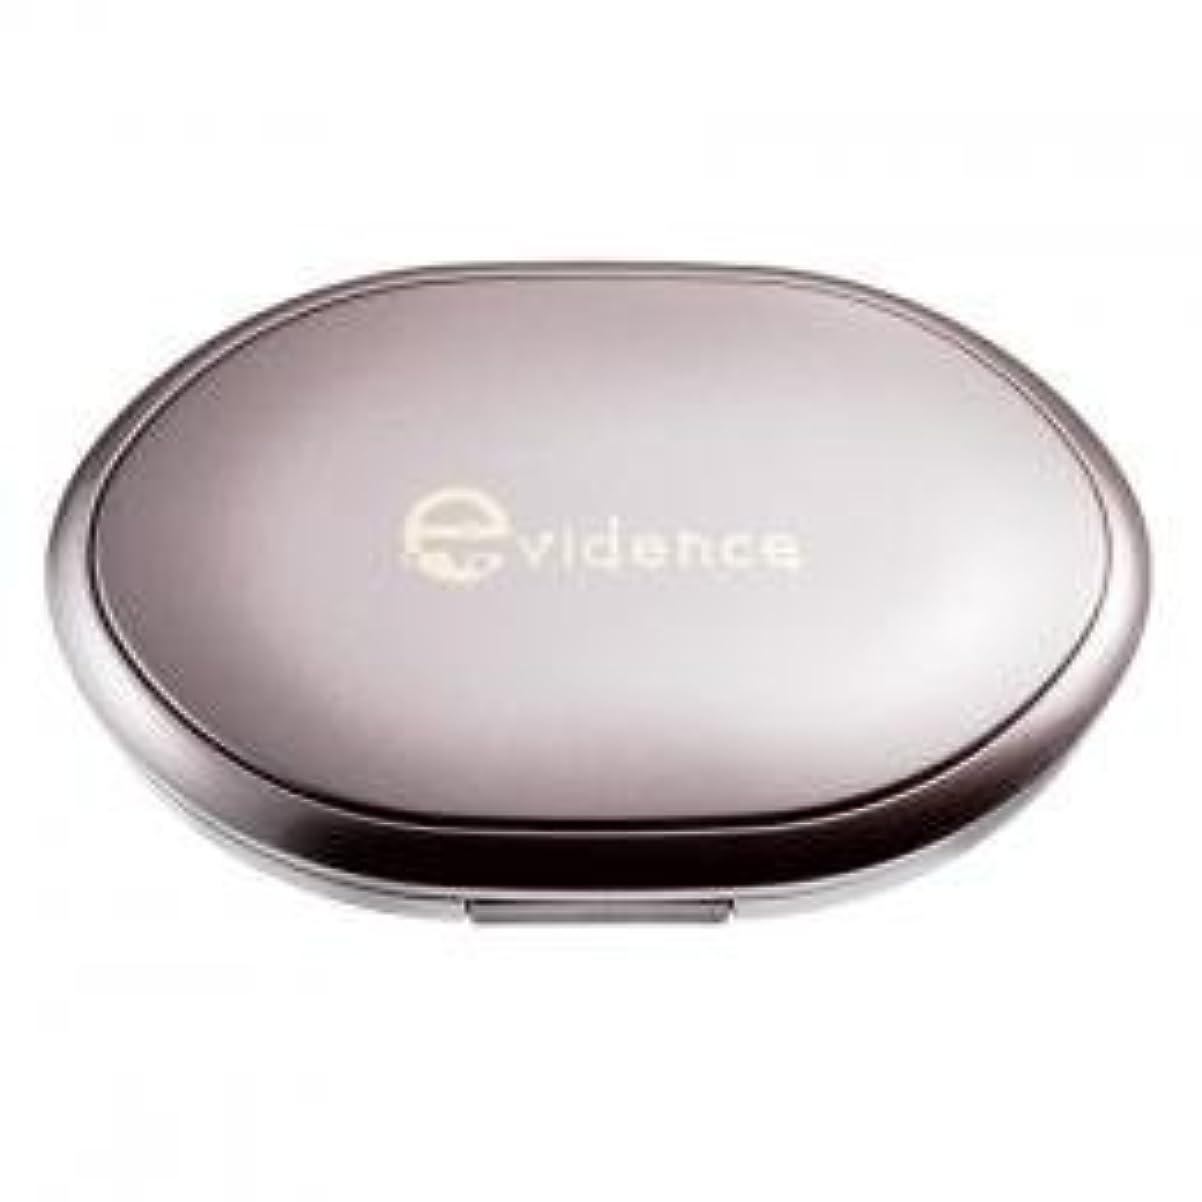 フォージ応じるピンCAC エヴィデンス アイシャドウパレットケース(ダブルチップ付)